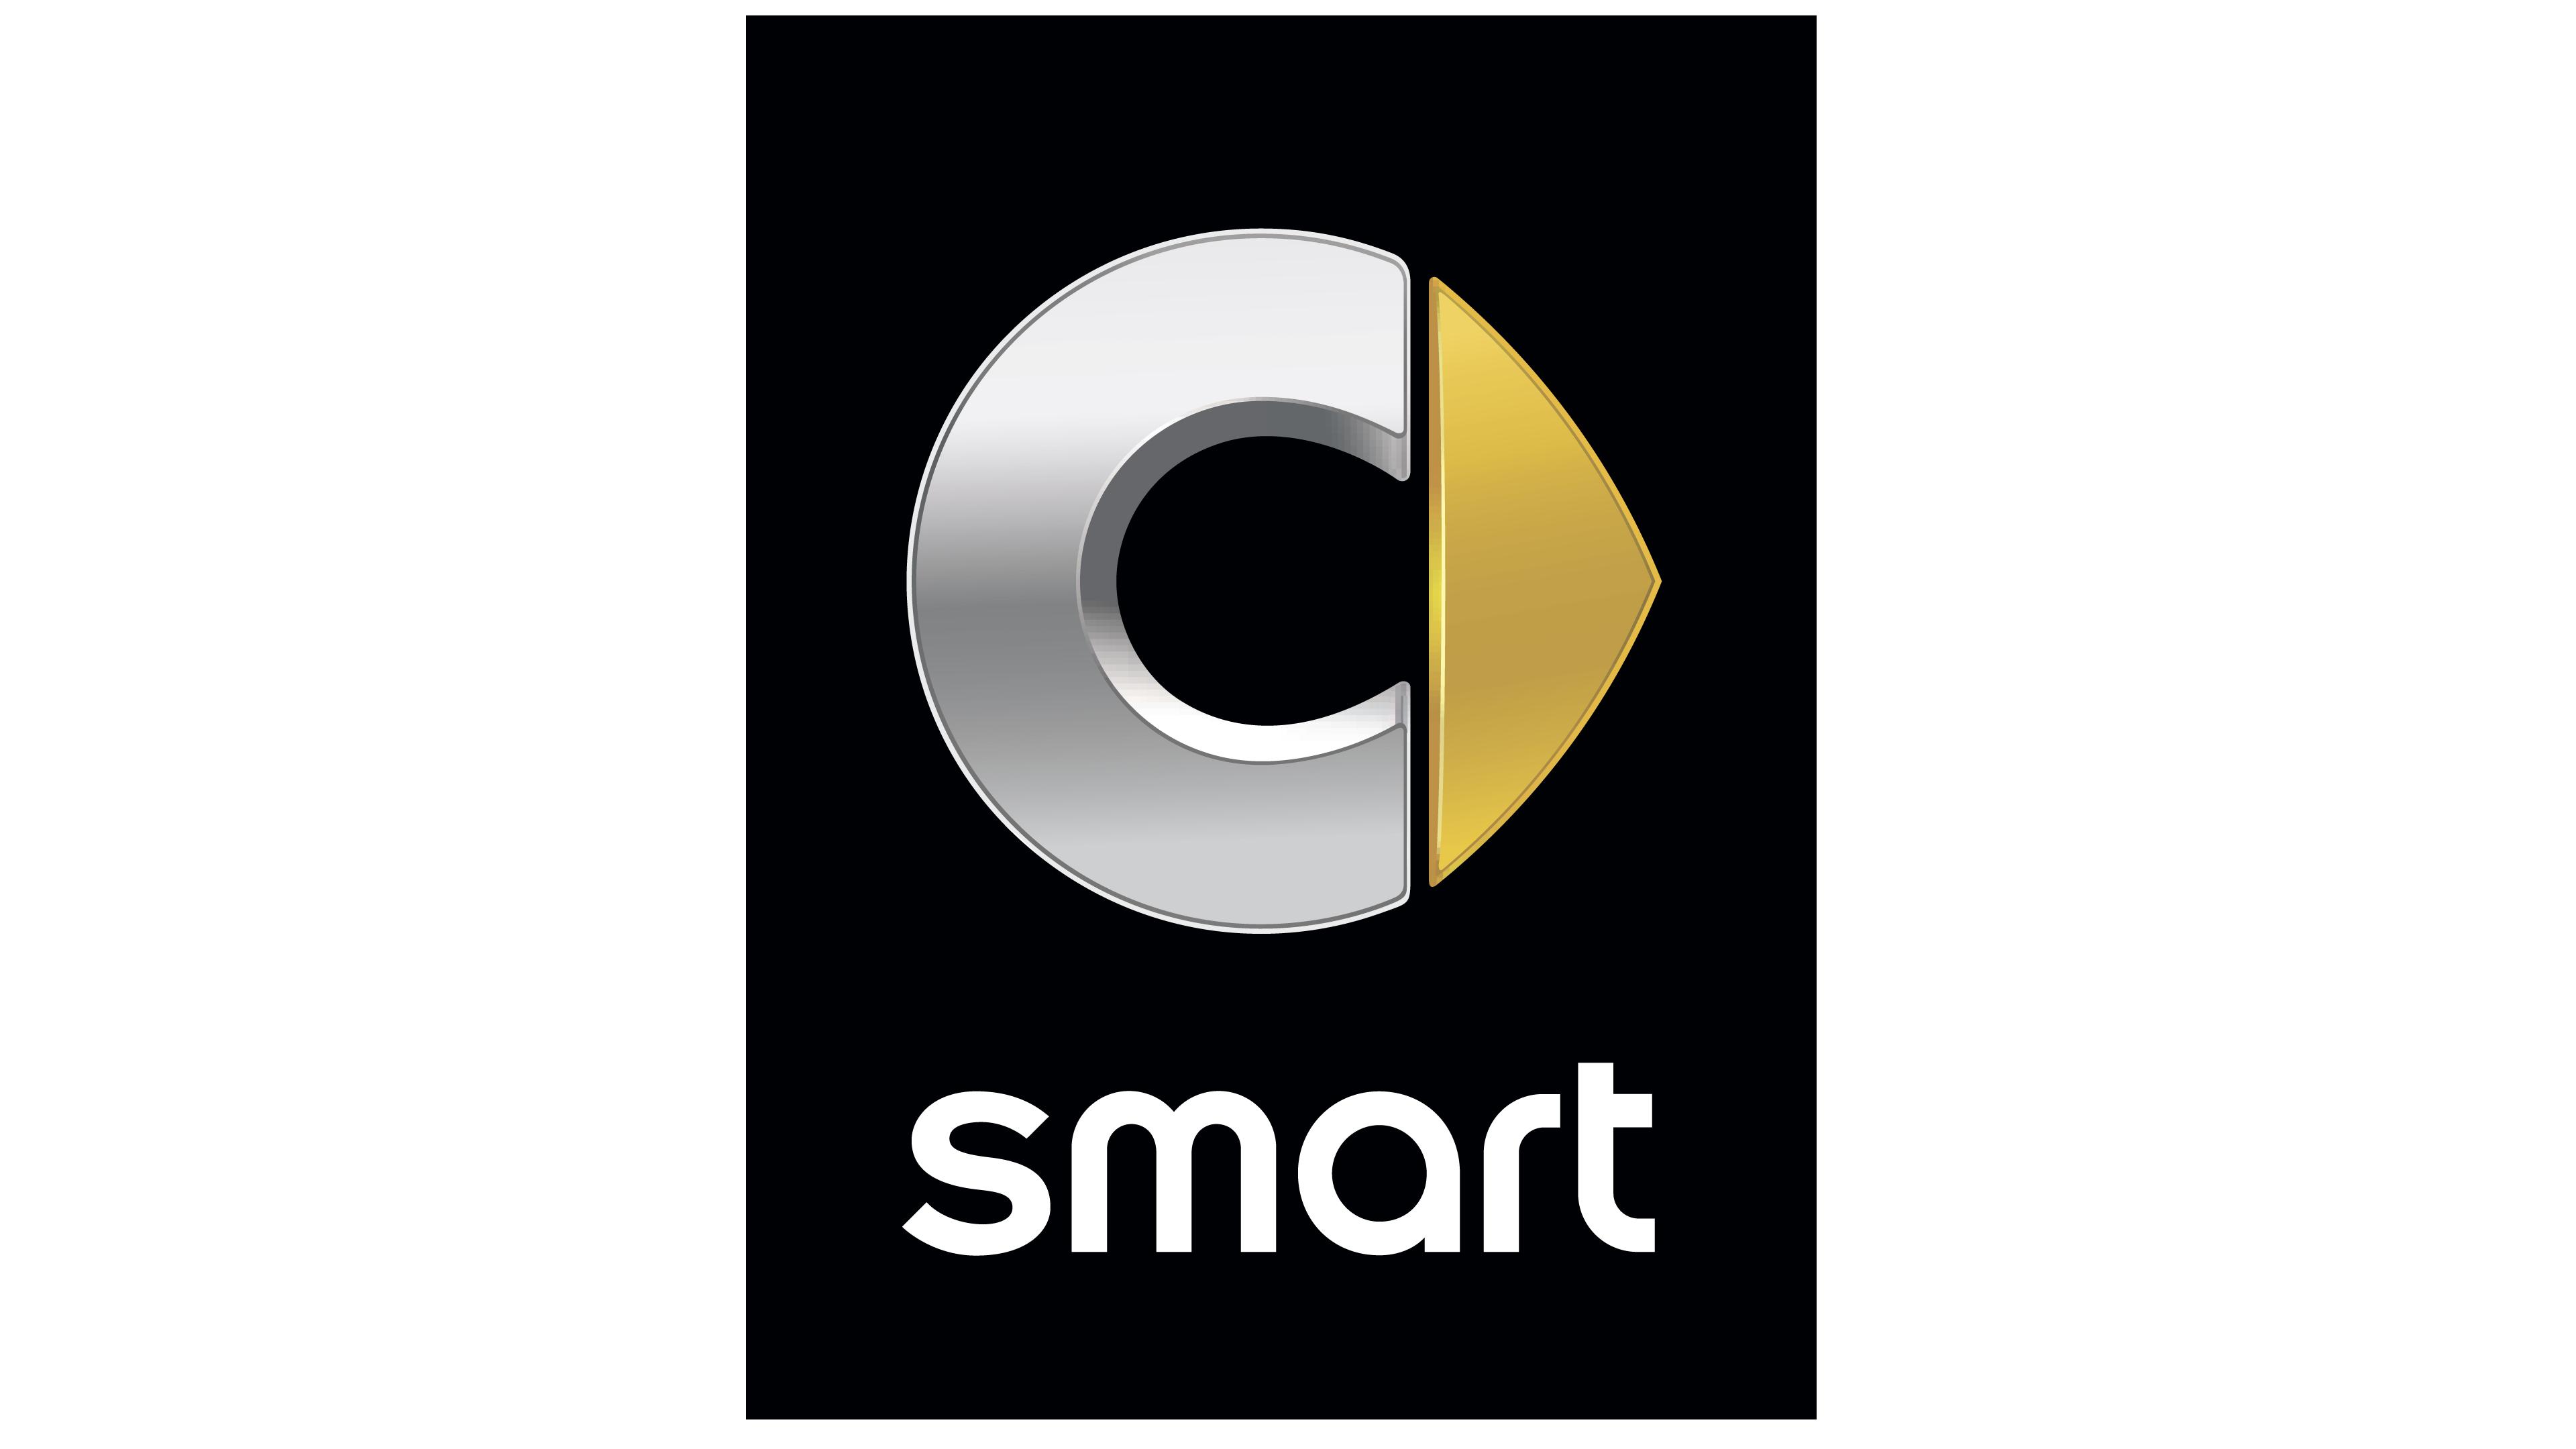 Smart logo Bedeutung [ZEICHEN logo, png].